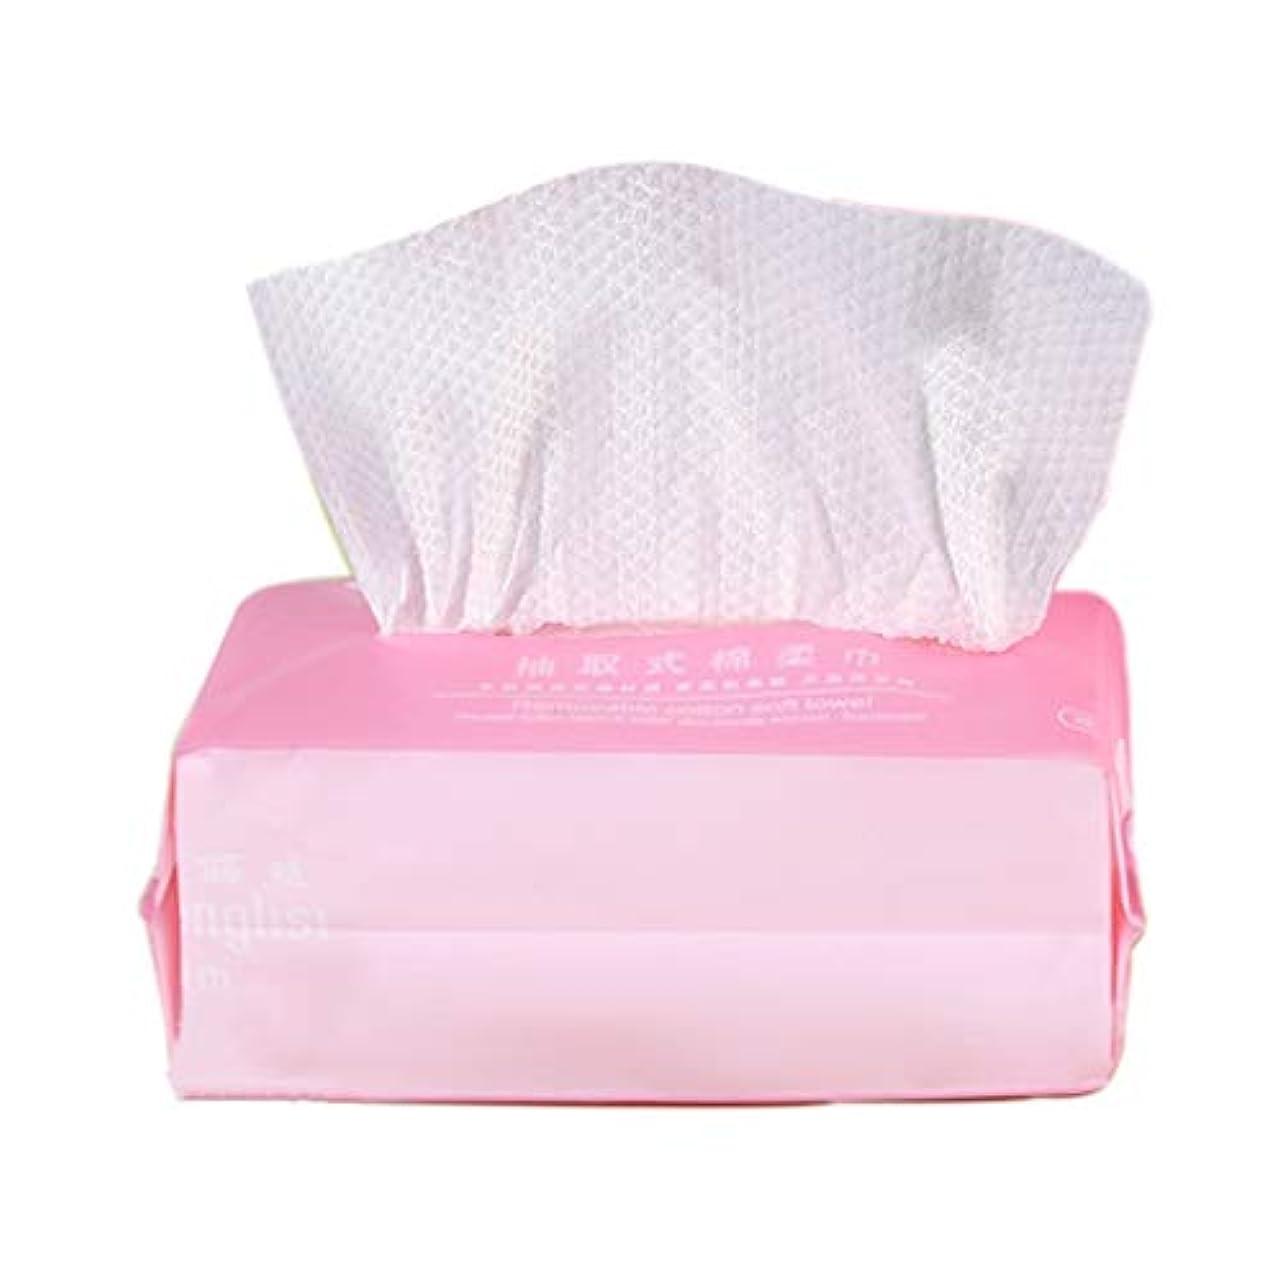 入射ボール必要条件女性の使い捨てフェイスタオル、美容メイク落としを洗うあなたの顔を乾拭きポータブルアウトドアメイクアップフェイシャルタオル (Color : White)